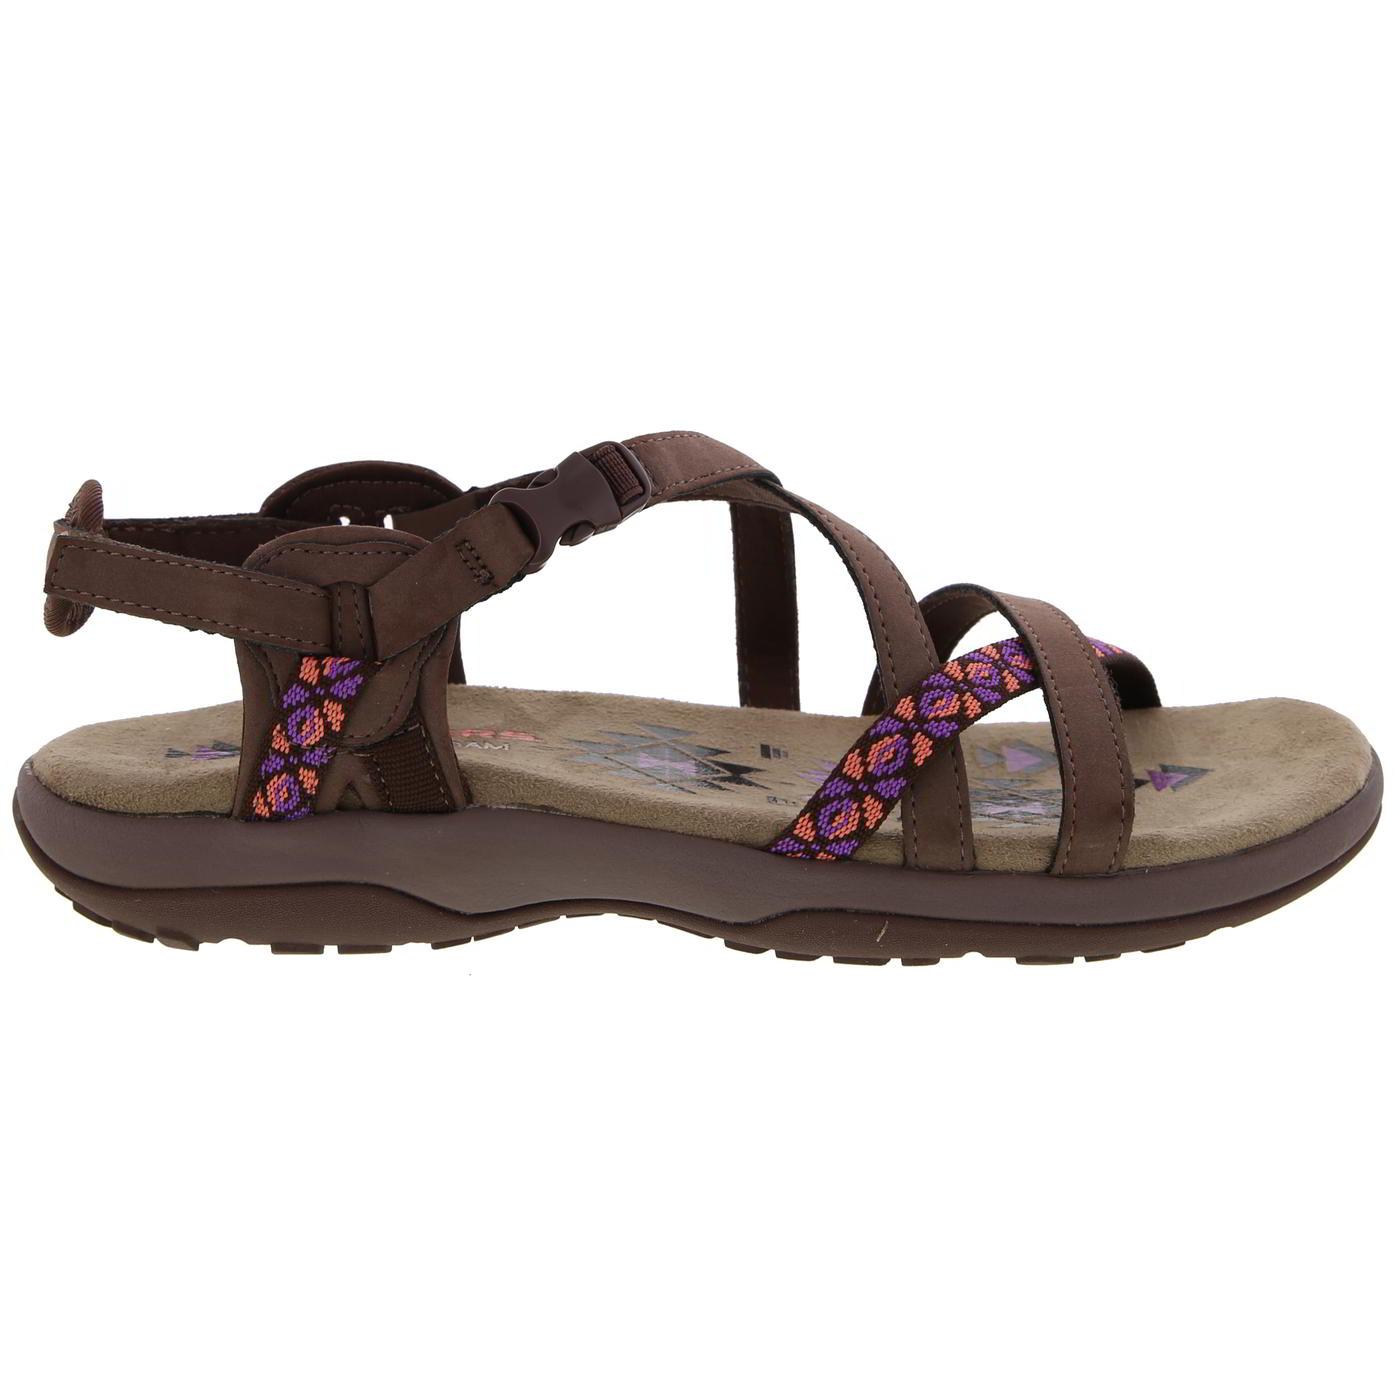 Skechers Womens Reggae Slim Vacay Adjustable Walking Sandals - Chocolate